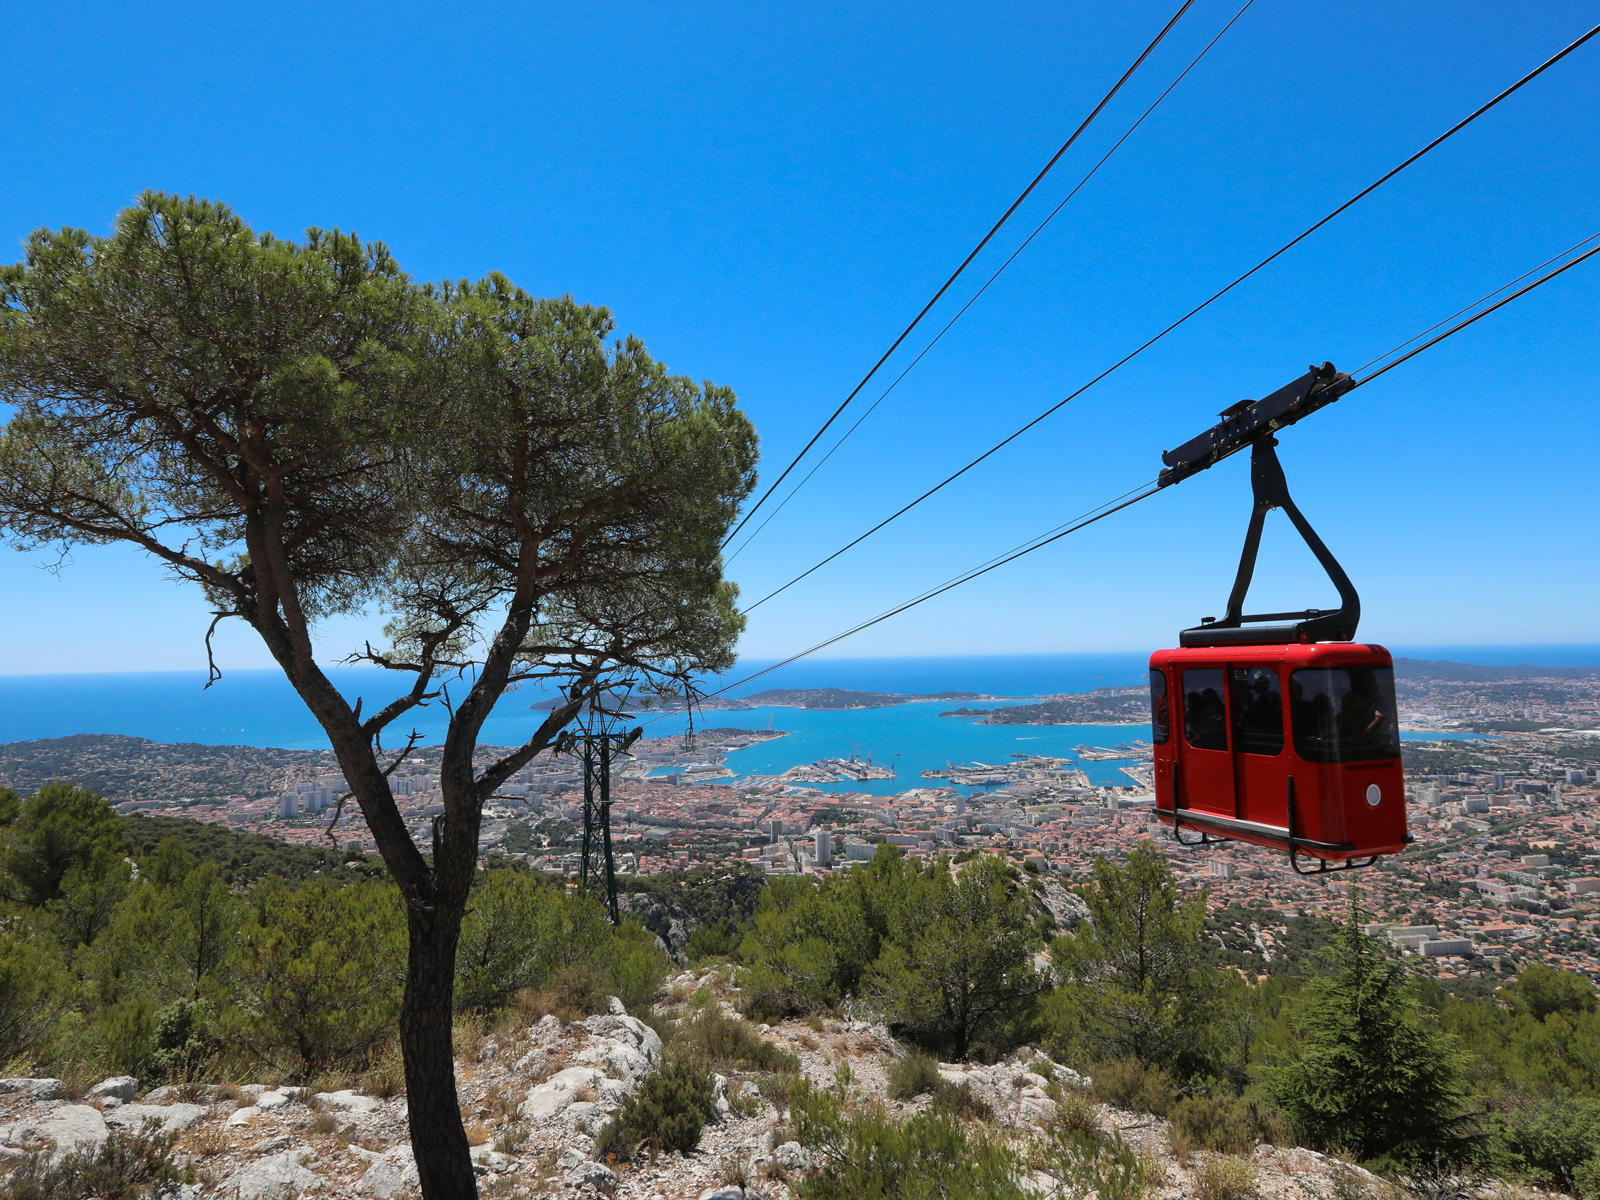 toulon-provence-mediterranee-tourisme-Telephérique-de-Toulon©-Laurent-Perrier-Ville-de-Toulon